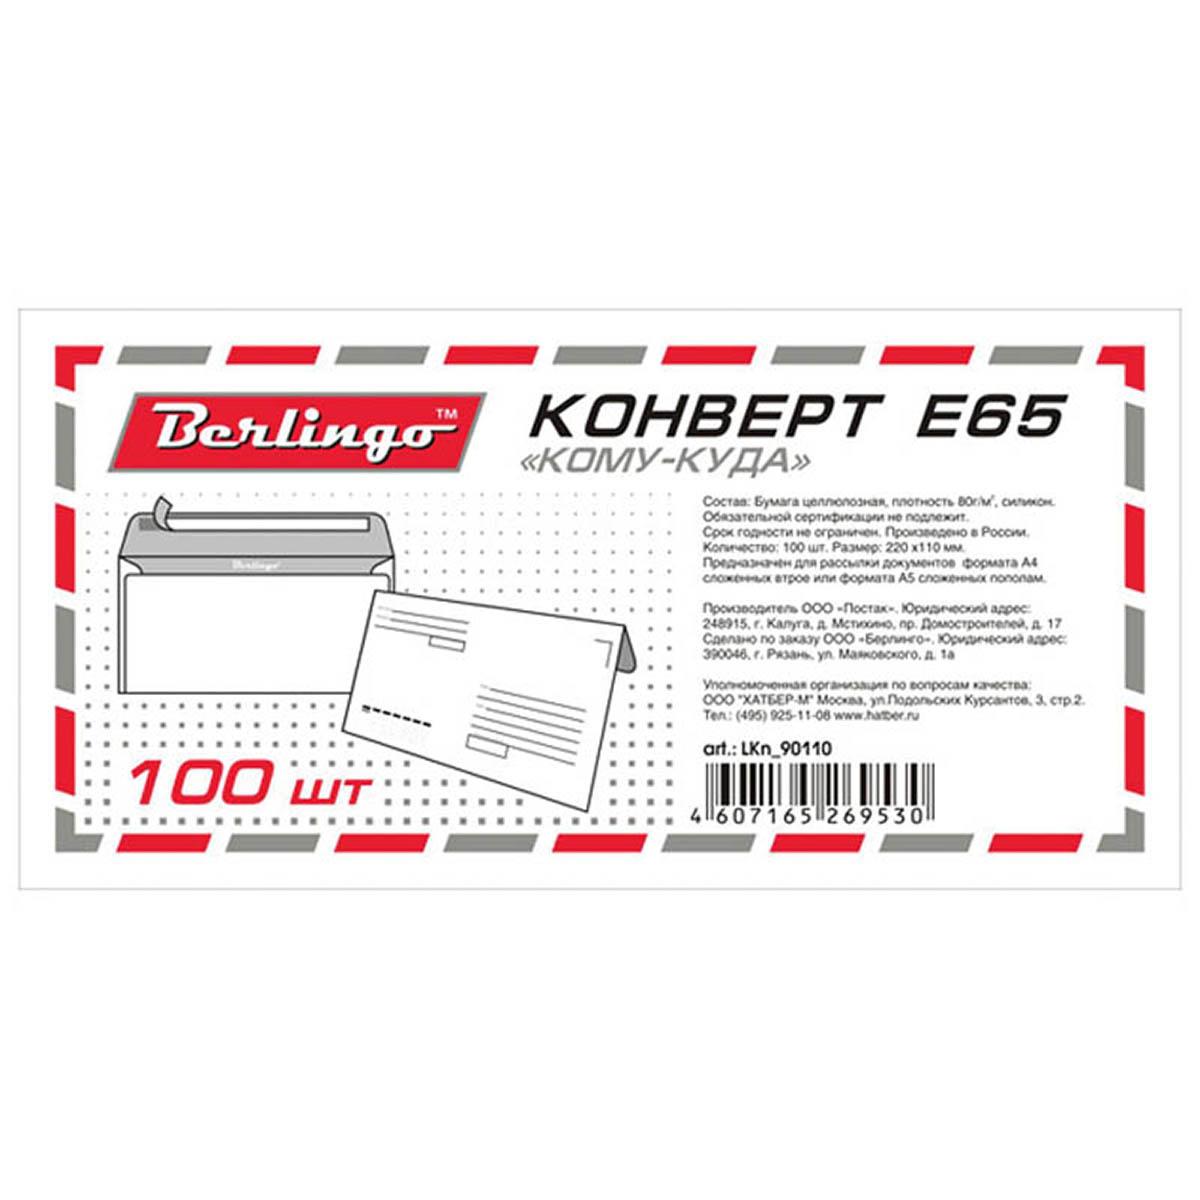 Конверт E65 с подсказом 100 штLKn_90110Конверт евроформата размером 110х220мм с подсказом, без окна. Предназначен для вложения листов формата А4, сложенных вчетверо или А5, сложенных вдвое. Клапан конверта крепится с помощью отрывной силиконовой ленты. Упаковка - термоусадочная пленка